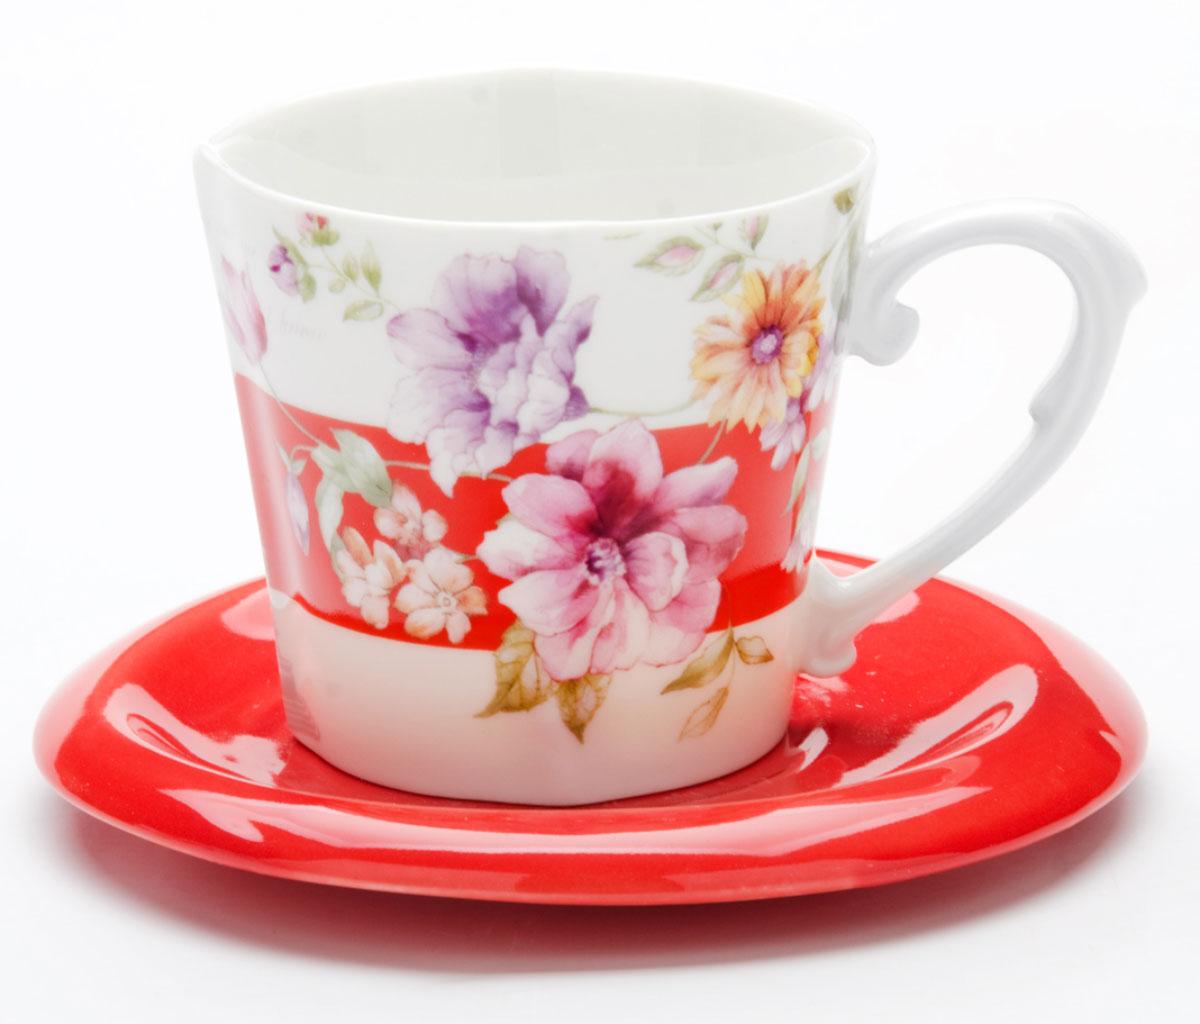 Чайная пара Loraine Цветы, 230 мл, 2 предмета. 2471224712Этот чайный набор, выполненный из керамики, состоит из одной чашки и блюдца. Предметы набора оформлены ярким изображением цветов. Изящный дизайн и красочность оформления придутся по вкусу и ценителям классики, и тем, кто предпочитает утонченность и изысканность. Чайный набор - идеальный и необходимый подарок для вашего дома и для ваших друзей в праздники, юбилеи и торжества! Он также станет отличным корпоративным подарком и украшением любой кухни. Чайный набор упакован в подарочную коробку из плотного цветного картона. Внутренняя часть коробки задрапирована белым атласом.